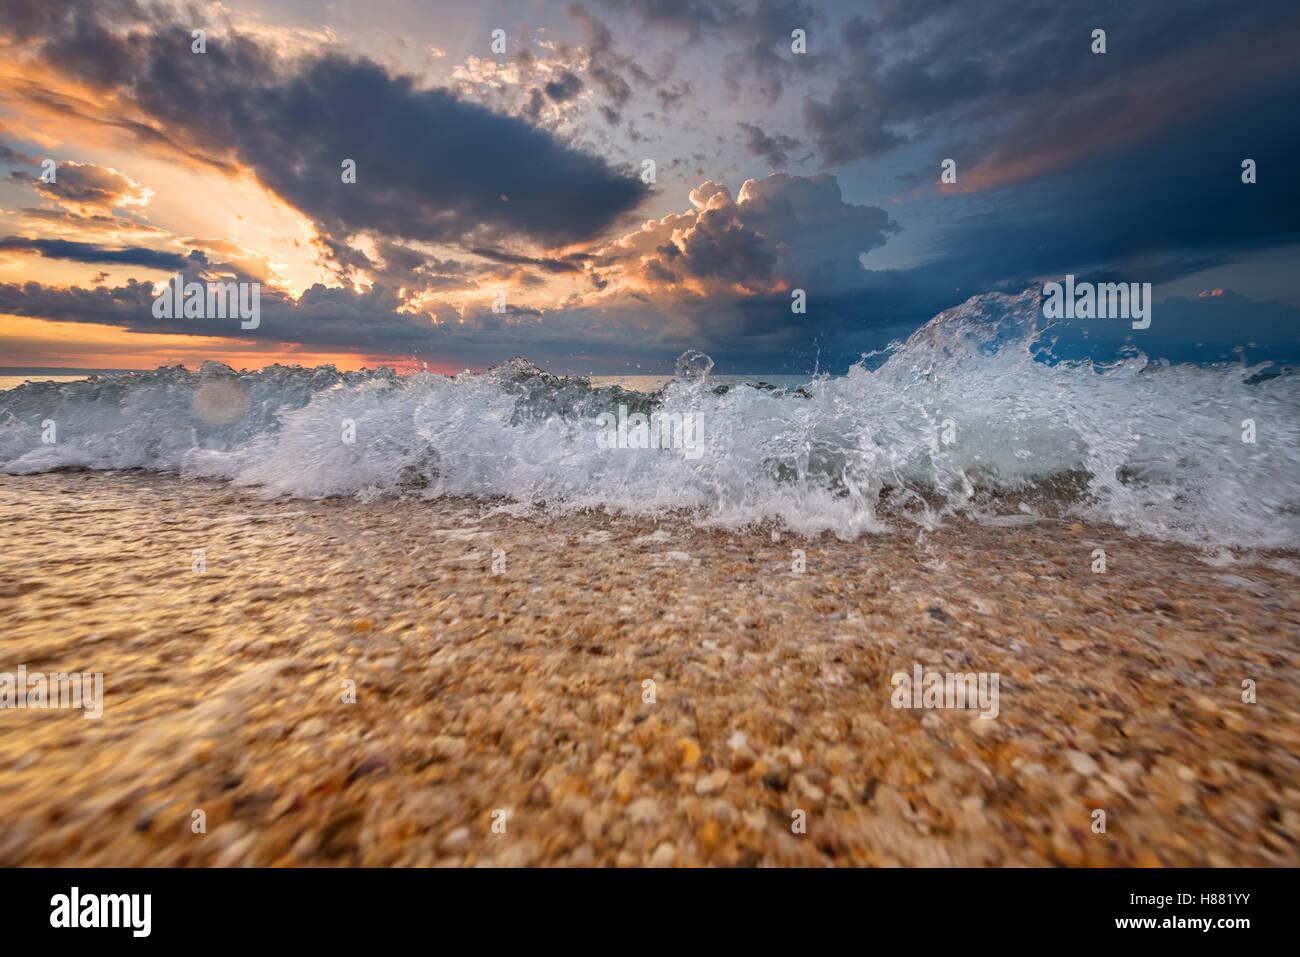 Colorido destino de playa un amanecer o atardecer con hermosas olas Foto de stock